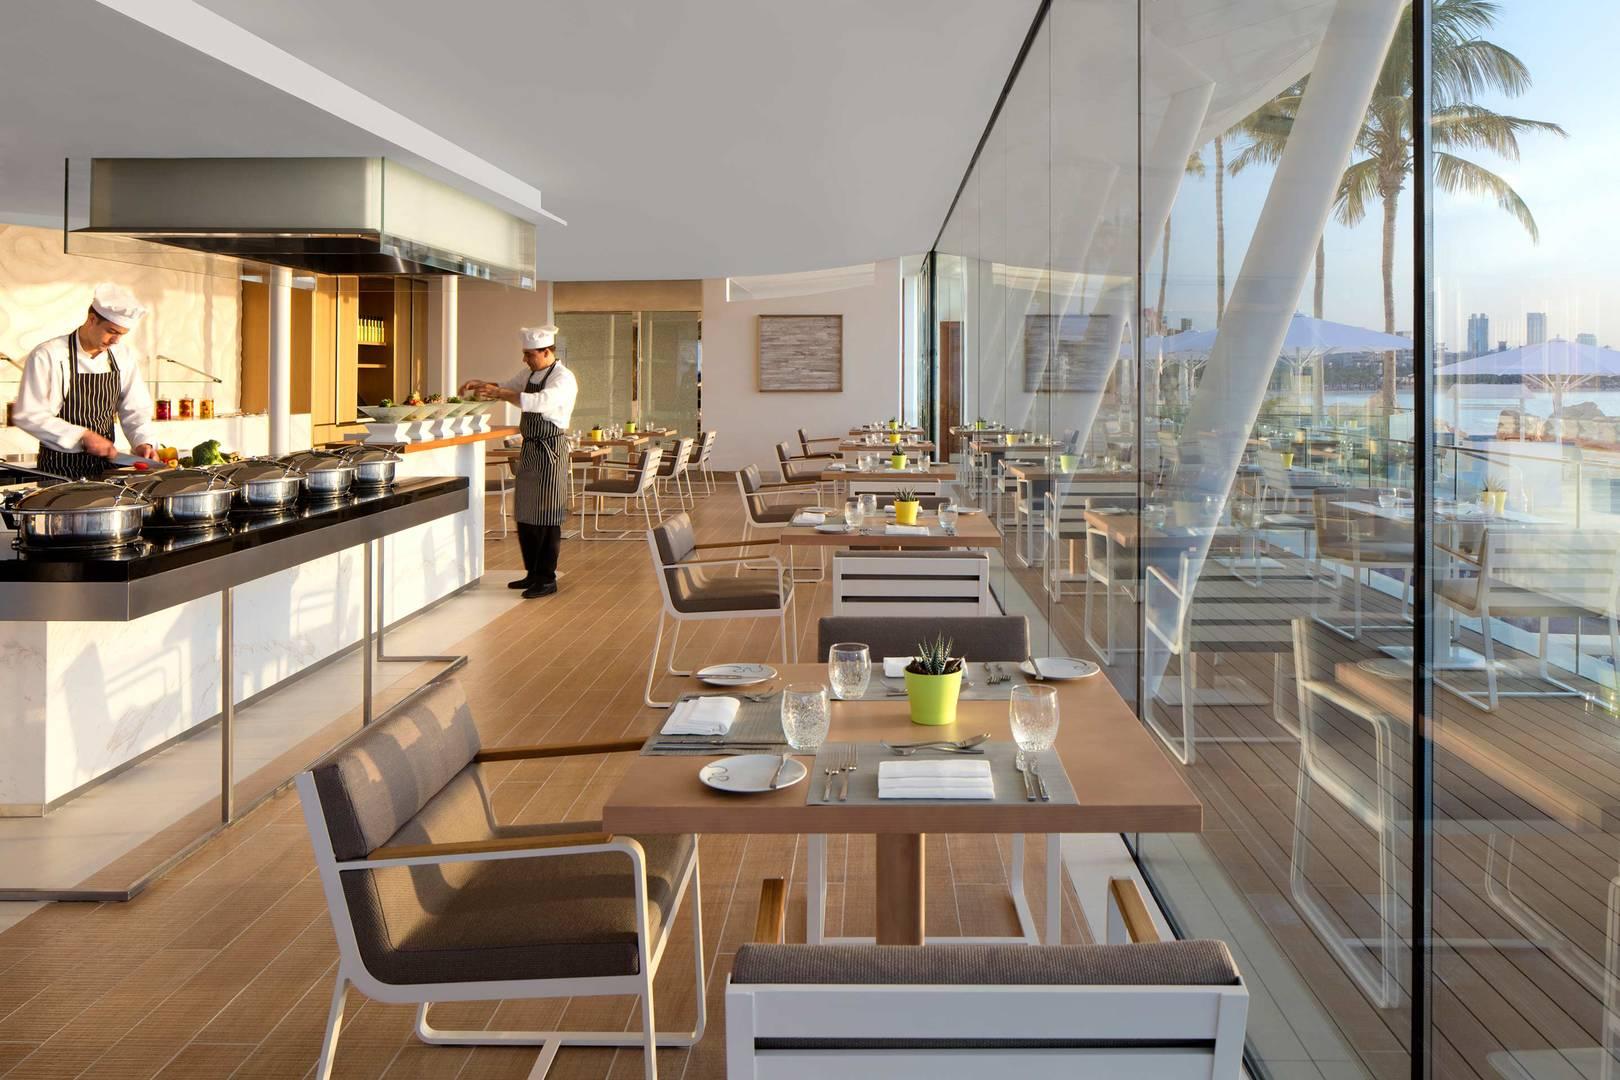 https://cdn.jumeirah.com/-/mediadh/DH/Hospitality/Jumeirah/Restaurants/Dubai/Burj-Al-Arab-Bab-Al-Yam/Restaurant-Gallery/Burj-Al-Arab-Jumeirah-Bab-Al-Yam_6-4.jpg?h=1080&w=1620&hash=8D753D1A3F606CE7ED2717196524051B